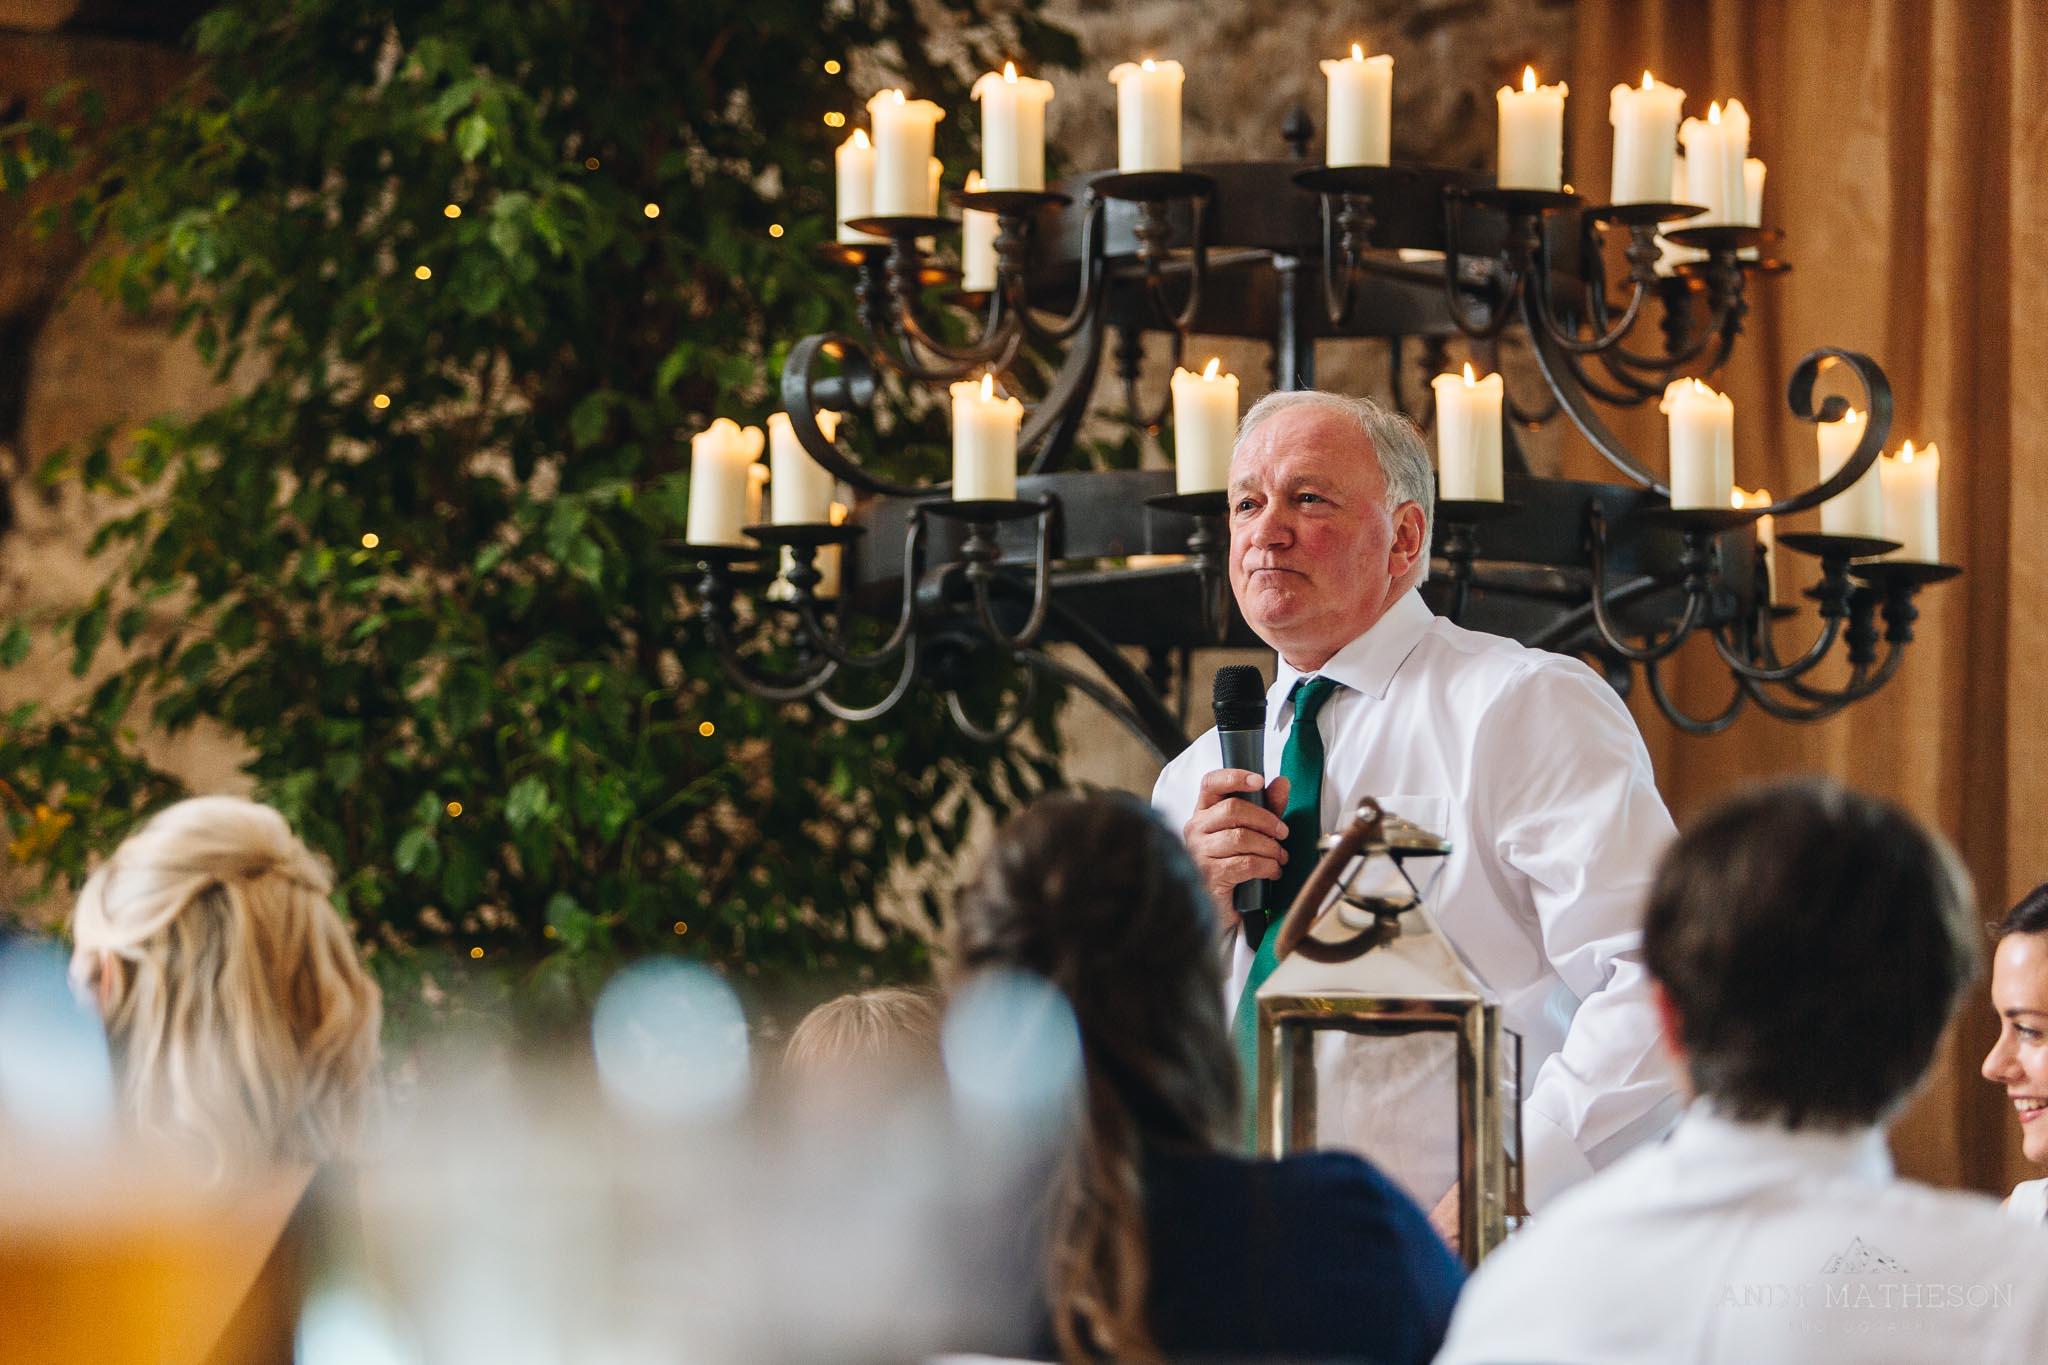 Tithe Barn Bolton Abbey Wedding Photographer_Andy Matheson_079.jpg